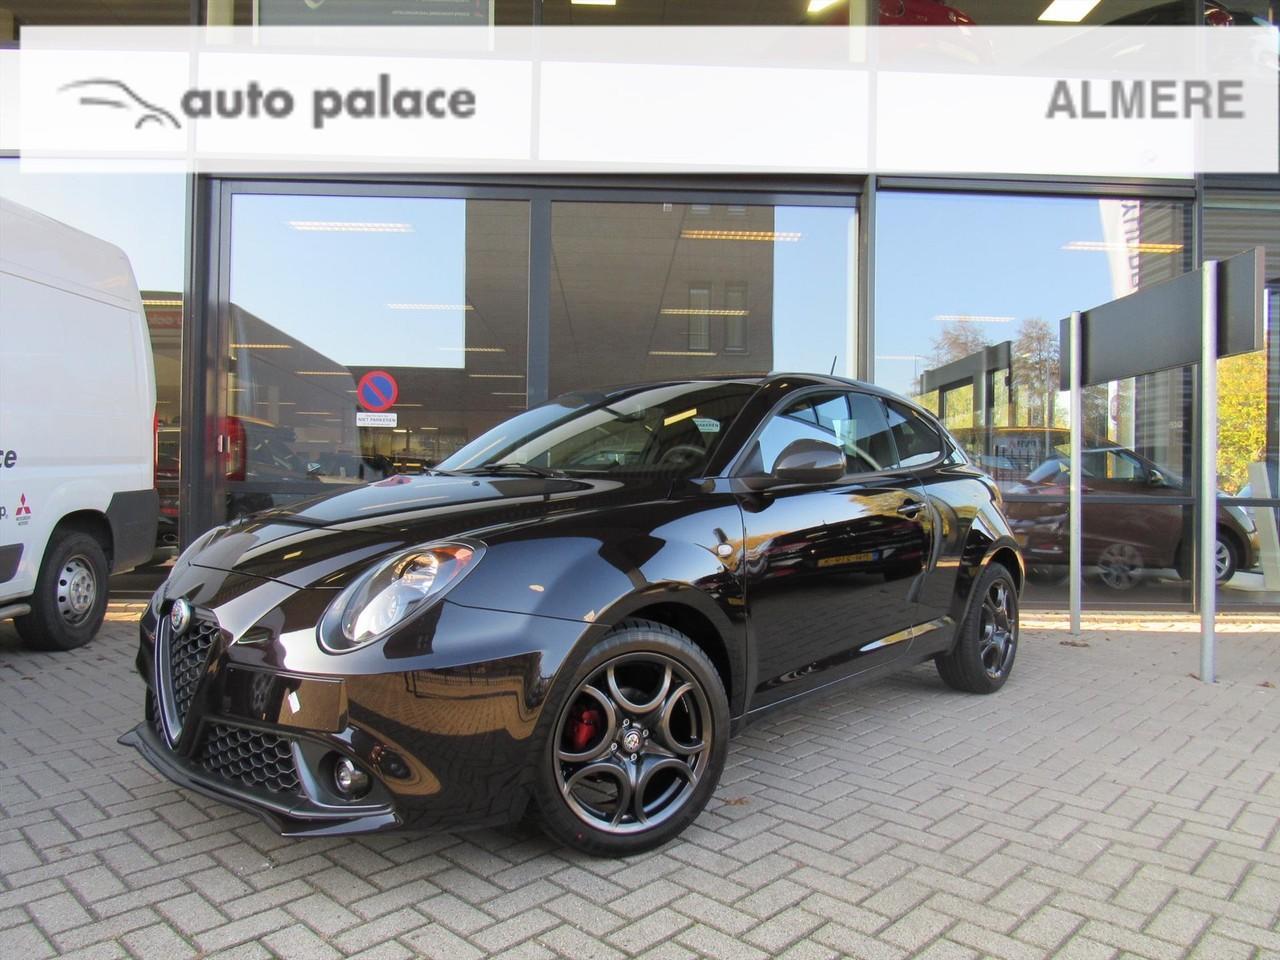 Alfa romeo Mito 0.9 turbo twinair 74kw/100pk urban